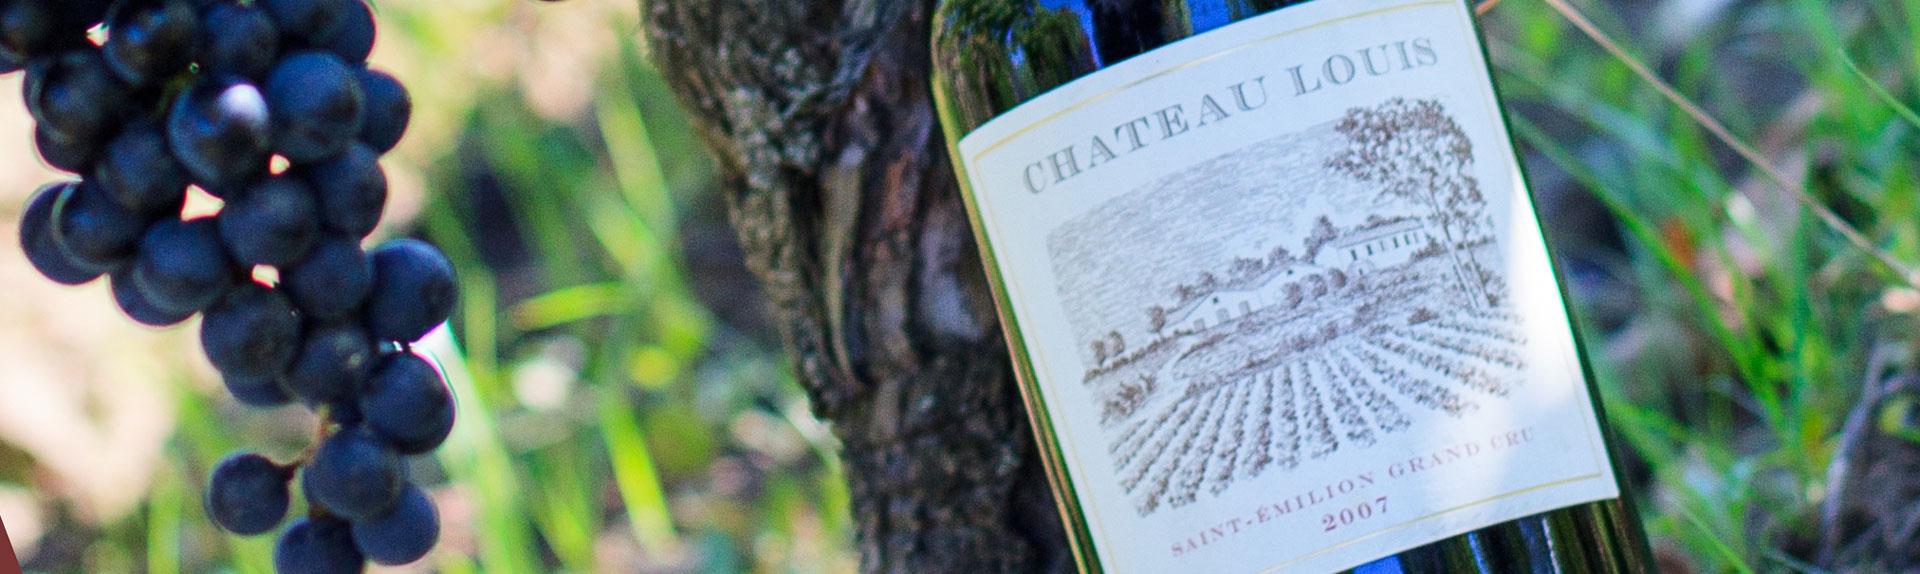 vin saint emilion chateau louis